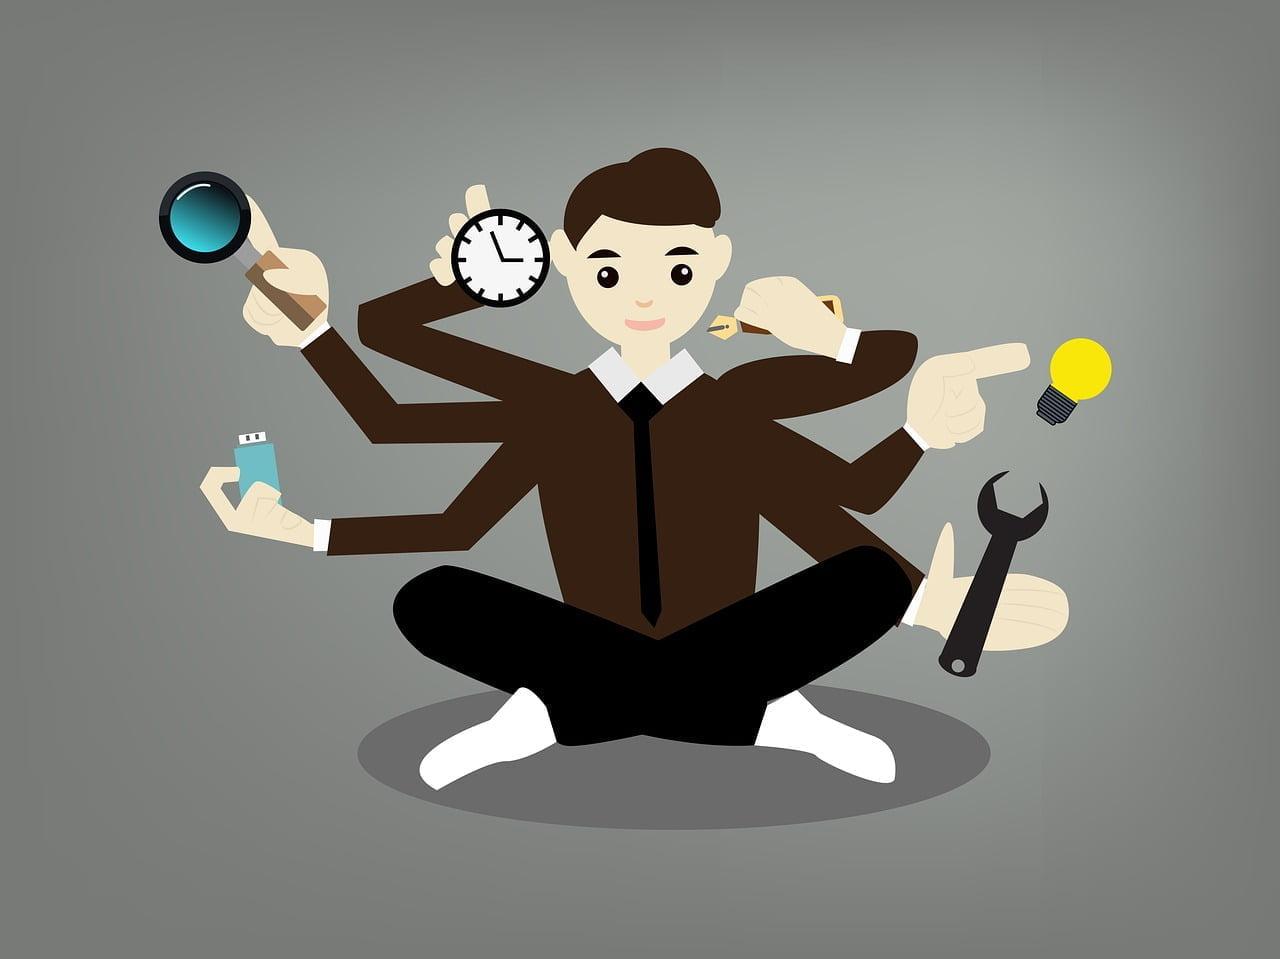 Largue o osso: carregar o peso do papel de fundador e CEO pode reduzir em quase 10% a produtividade de sua empresa.